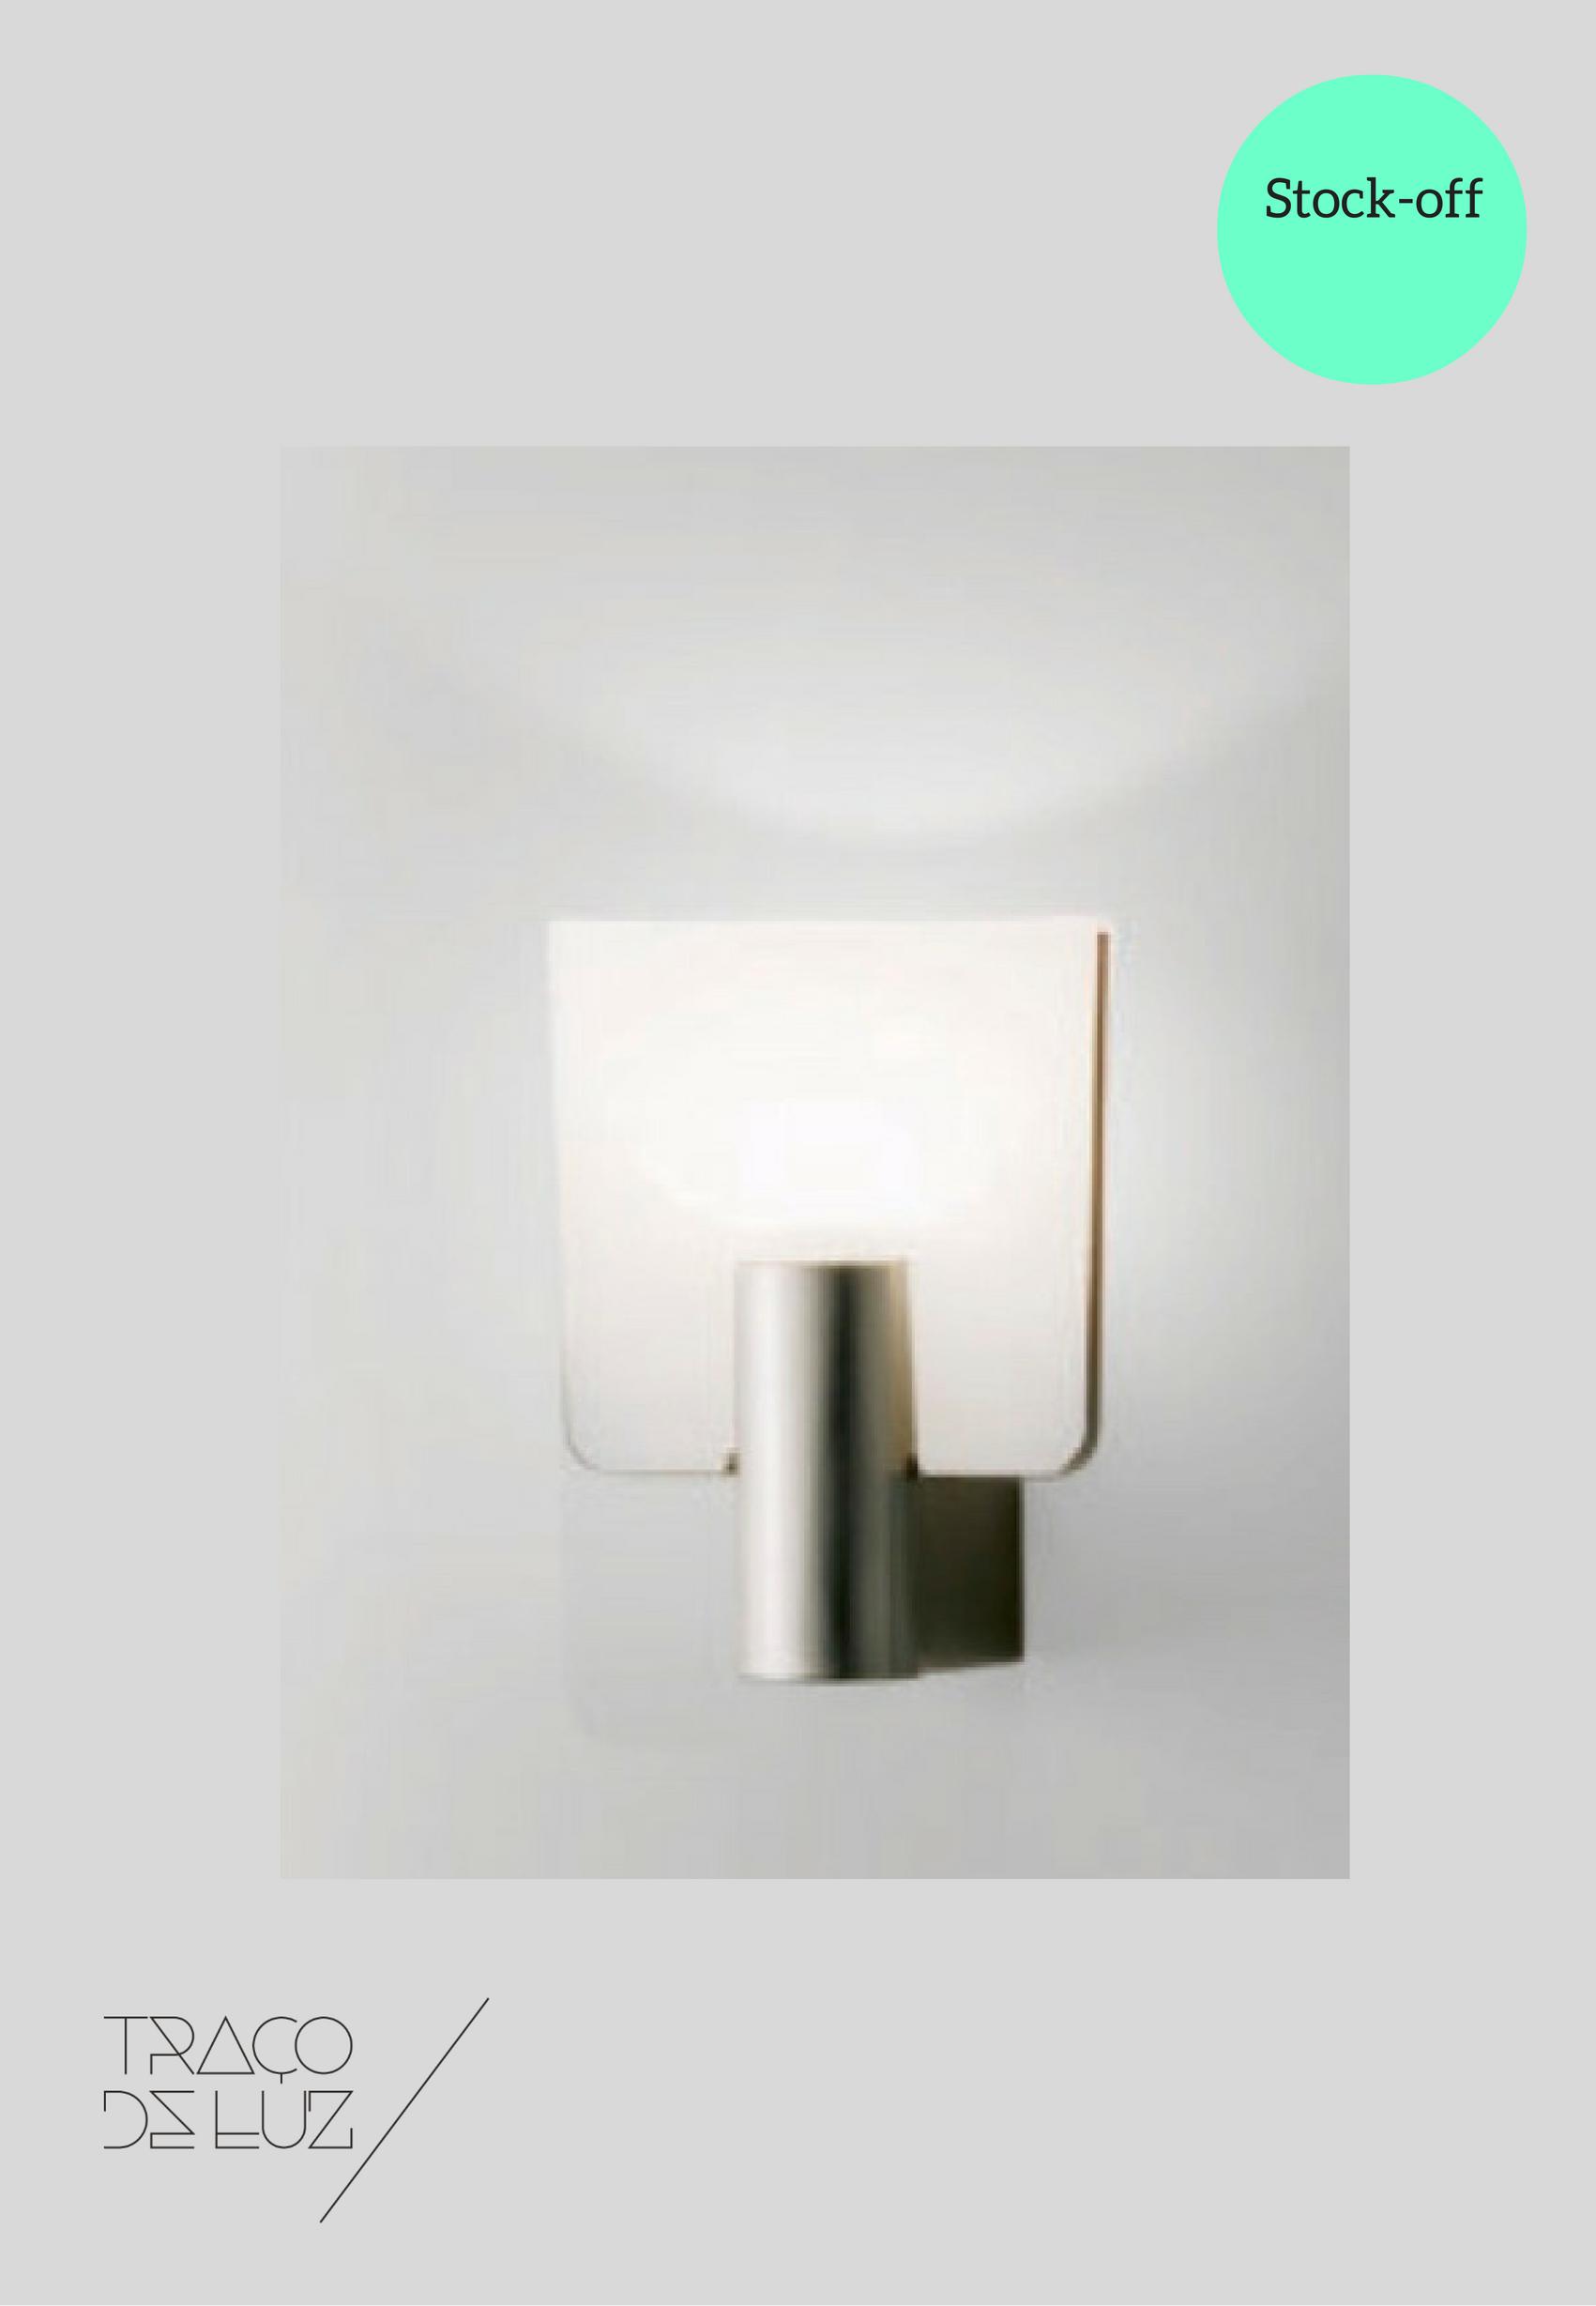 Micron W1 branco, aplique de parededa marca Prandina, na Traço de Luz iluminação, Portugal